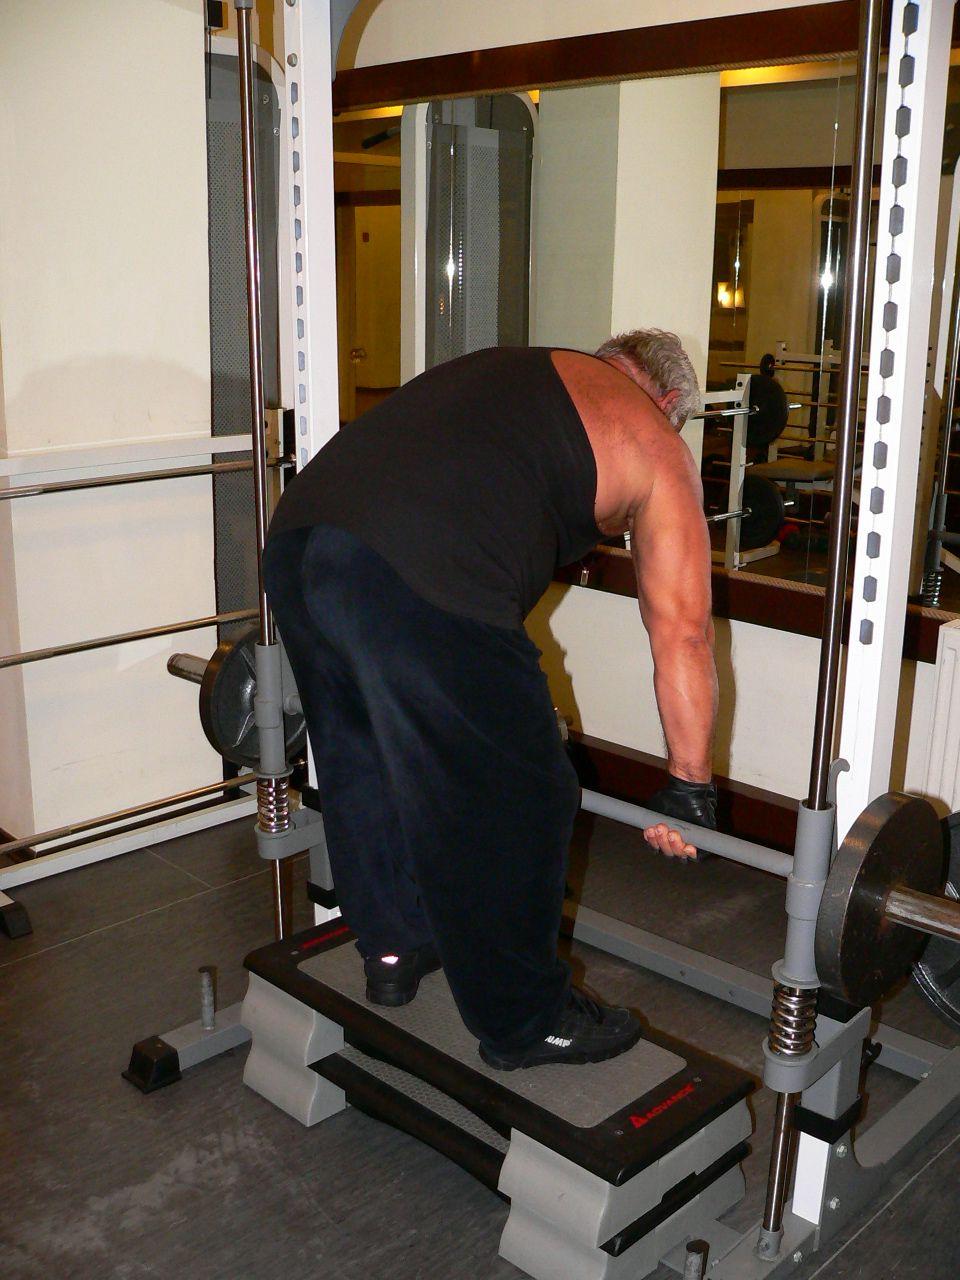 Smith Machine Bent Over Row